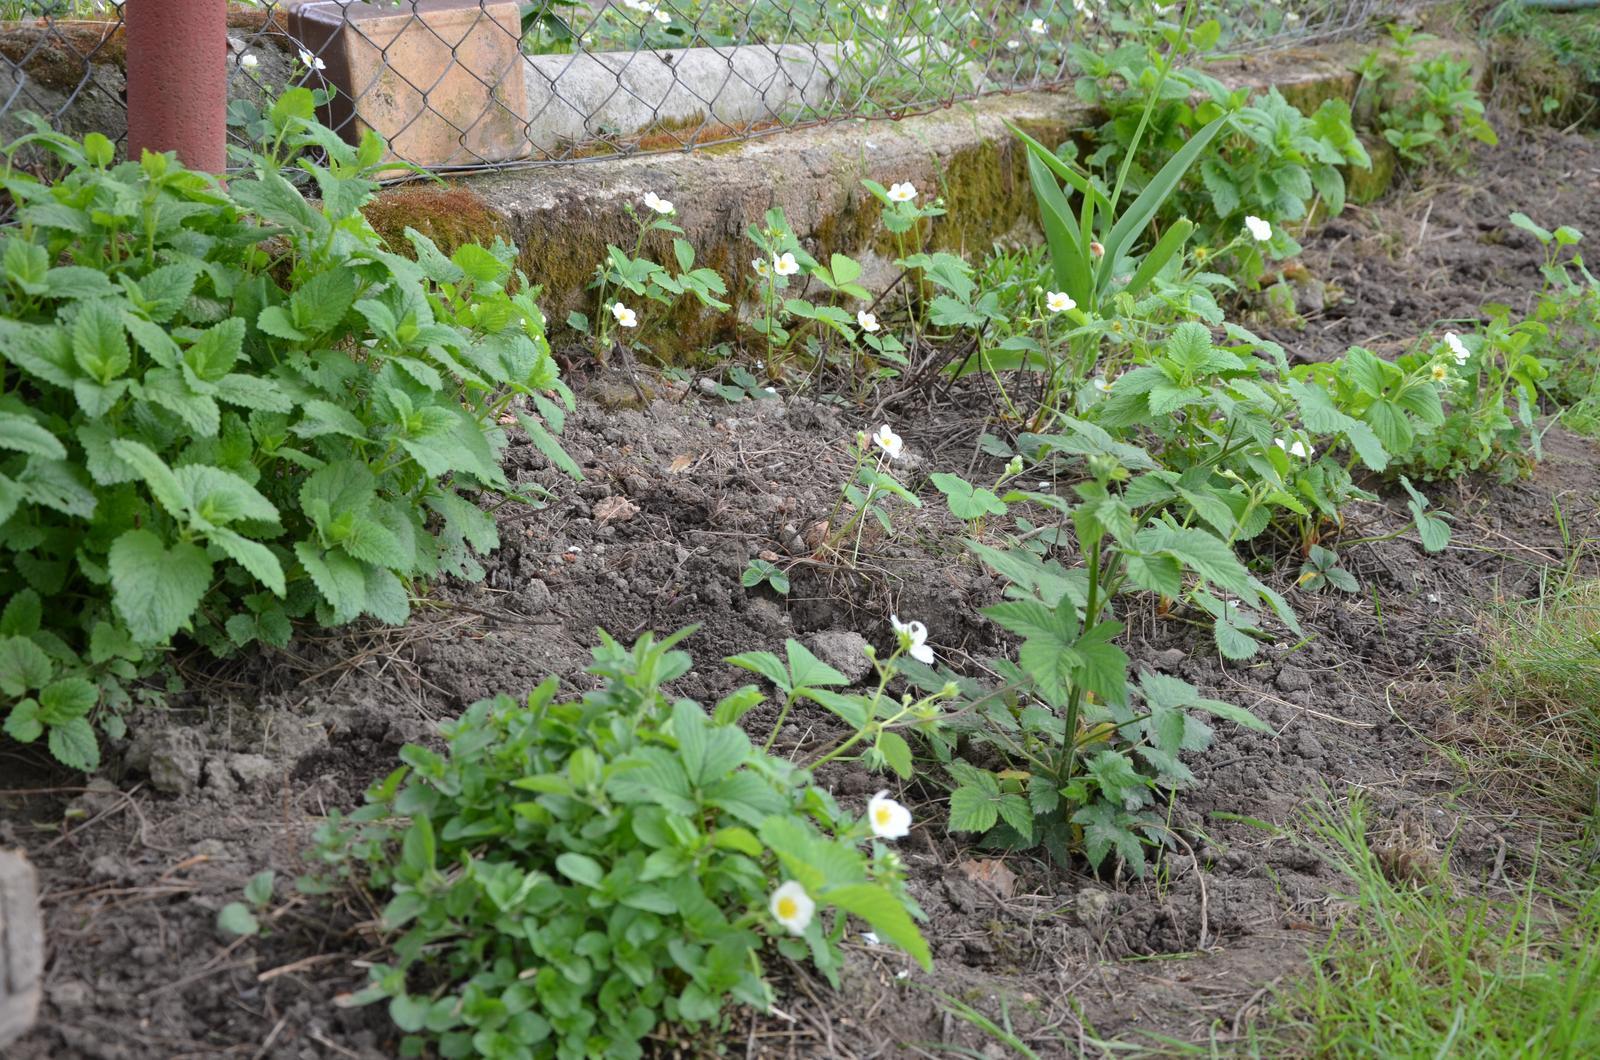 Vysněná zahrada... - Směska...oregano, meduňka, zasazená ostružina...a zase ty jahody...